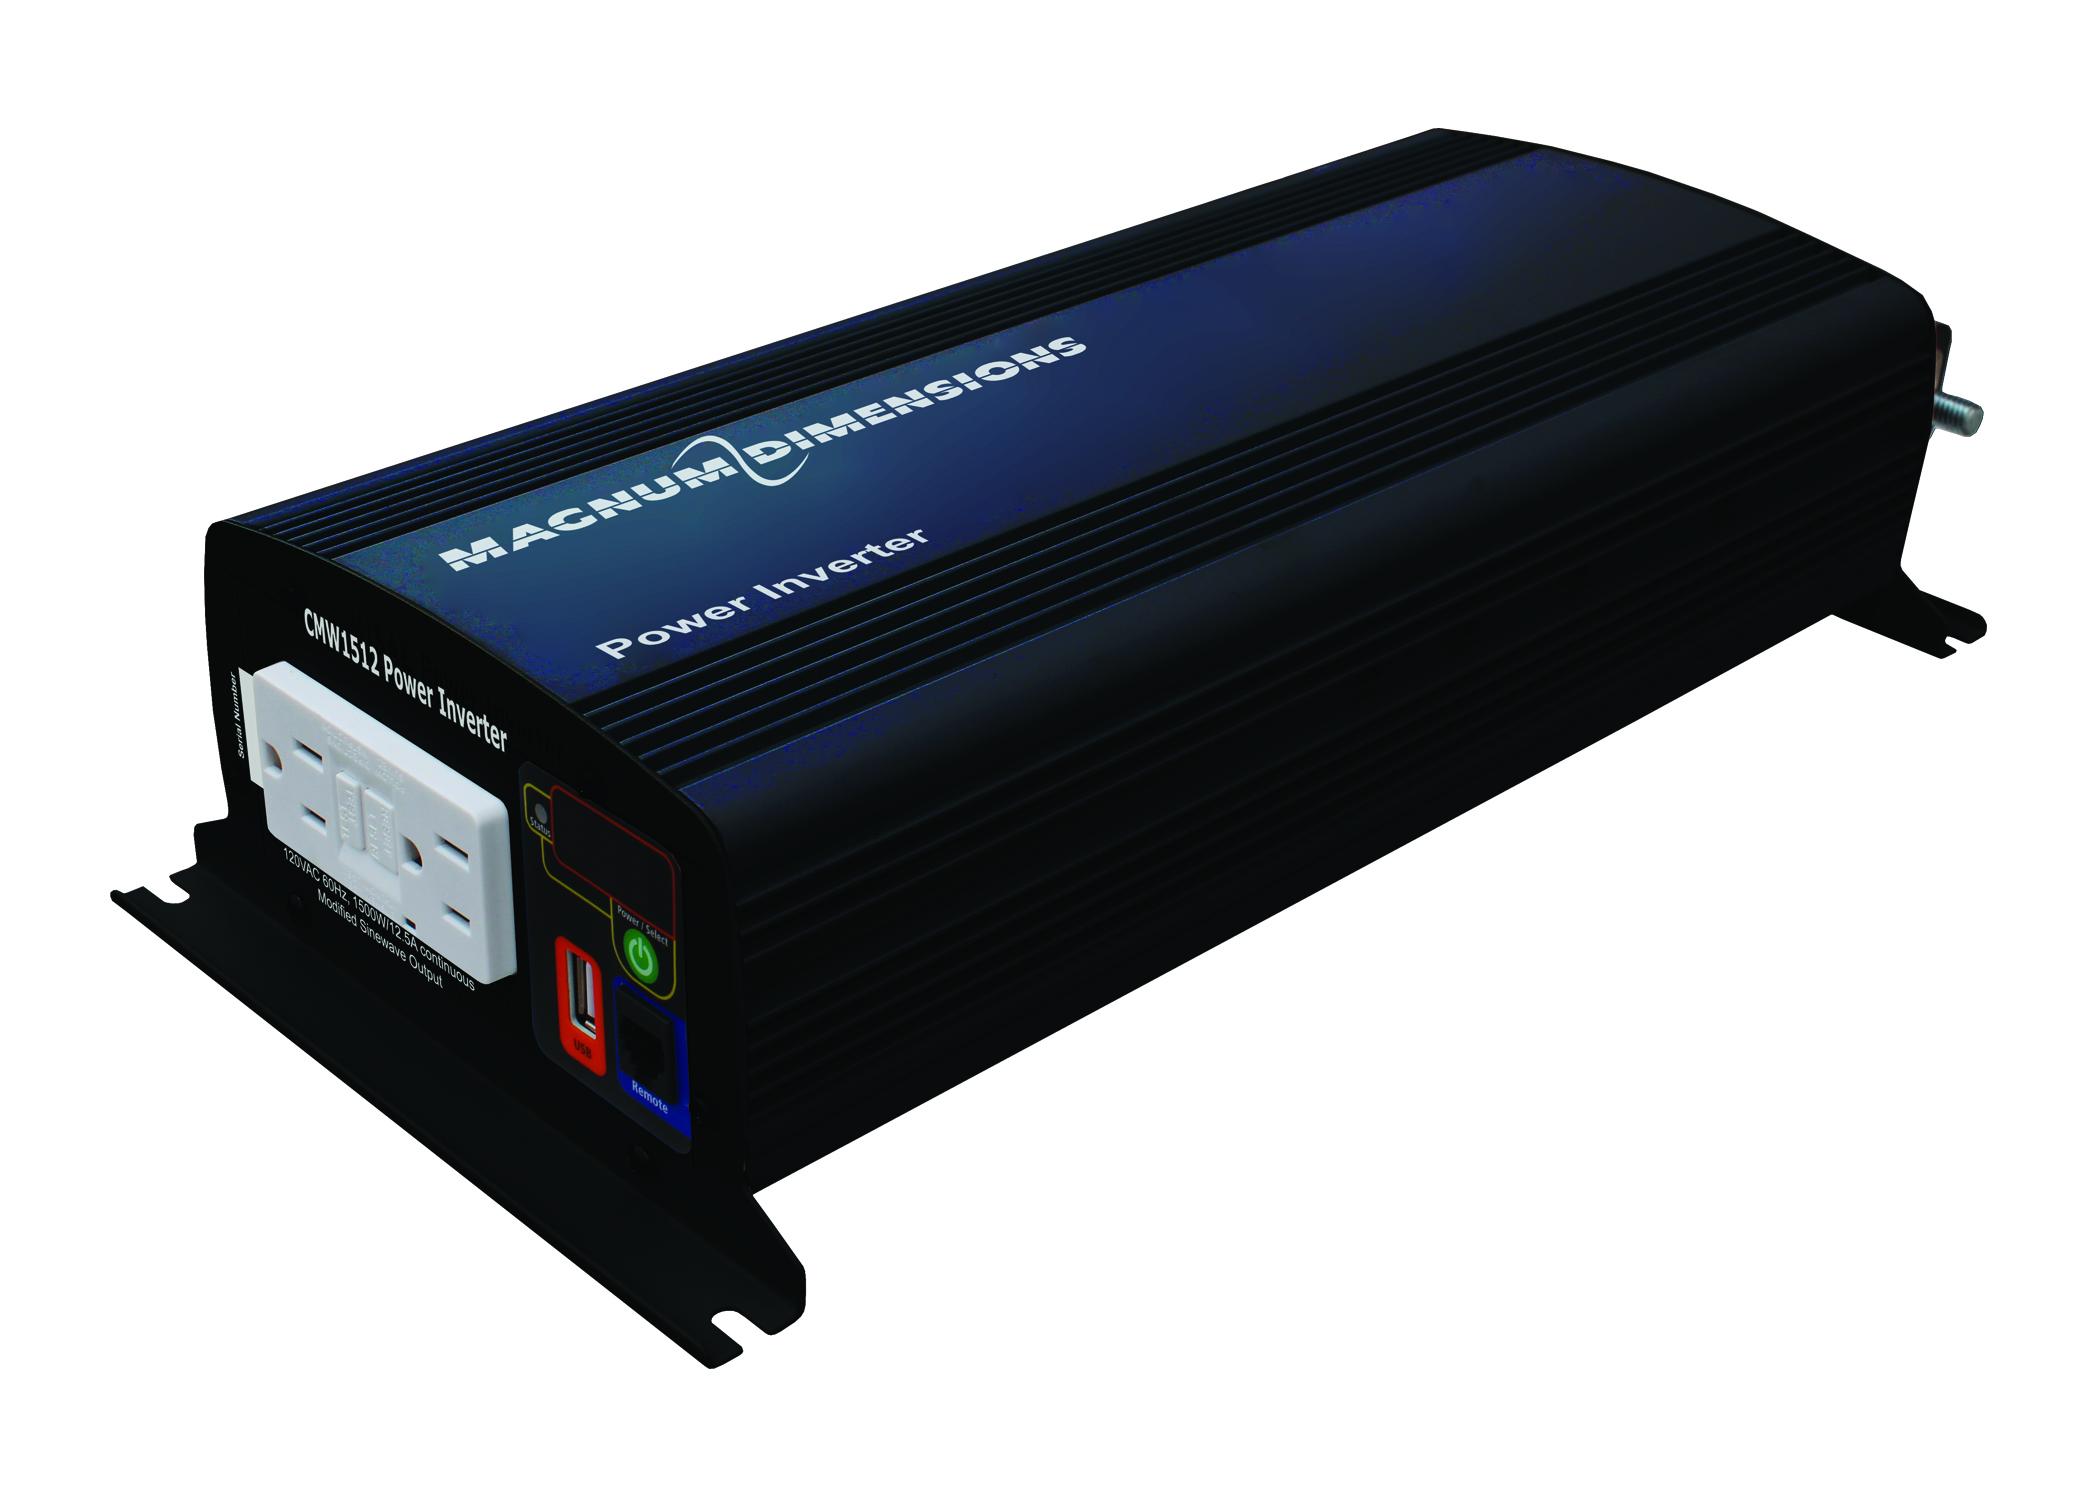 npower 1500 watt inverter manual